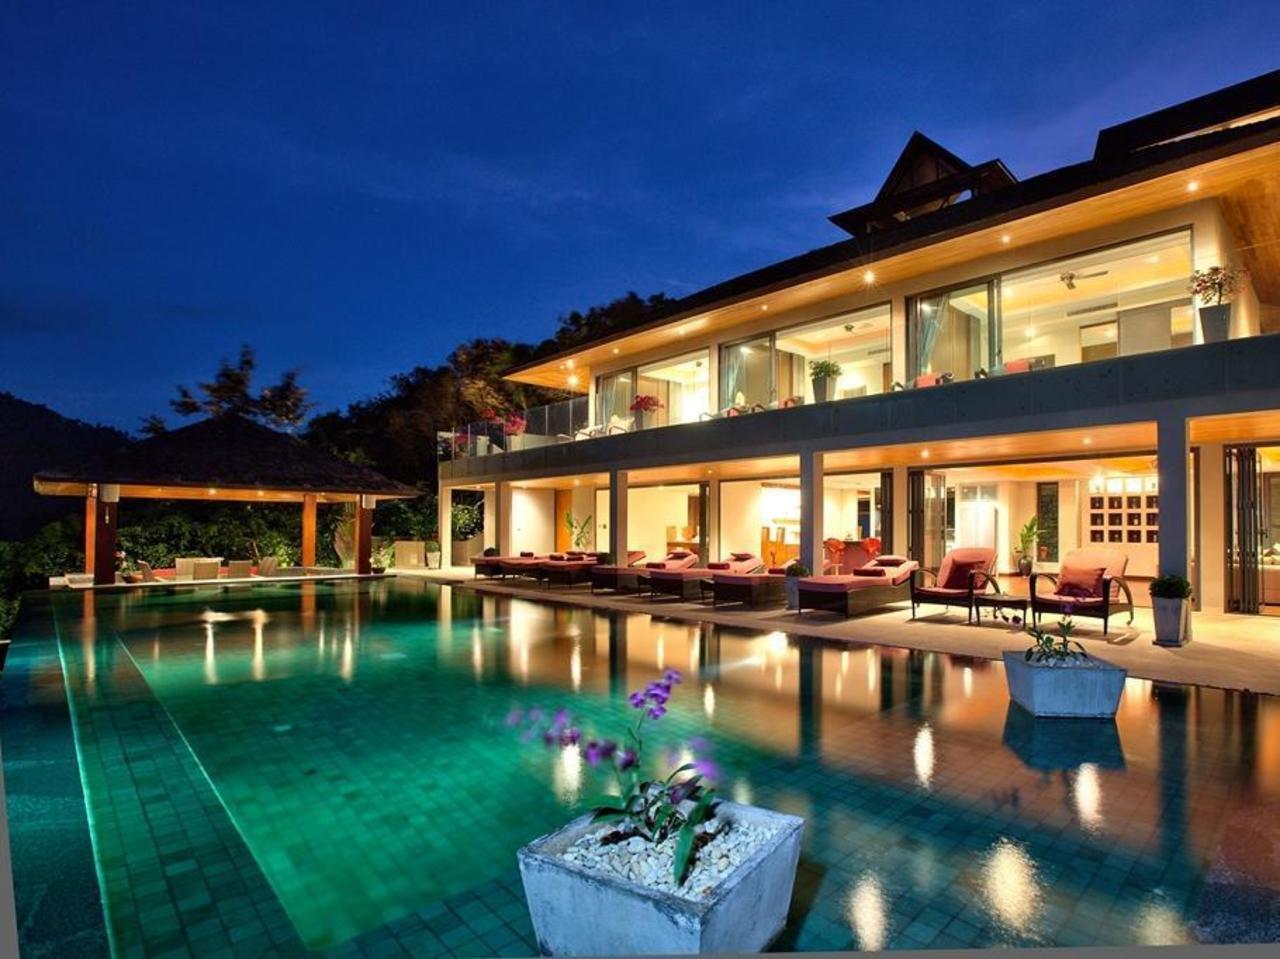 บ้าน แกรนด์ วิว (Baan Grand View)